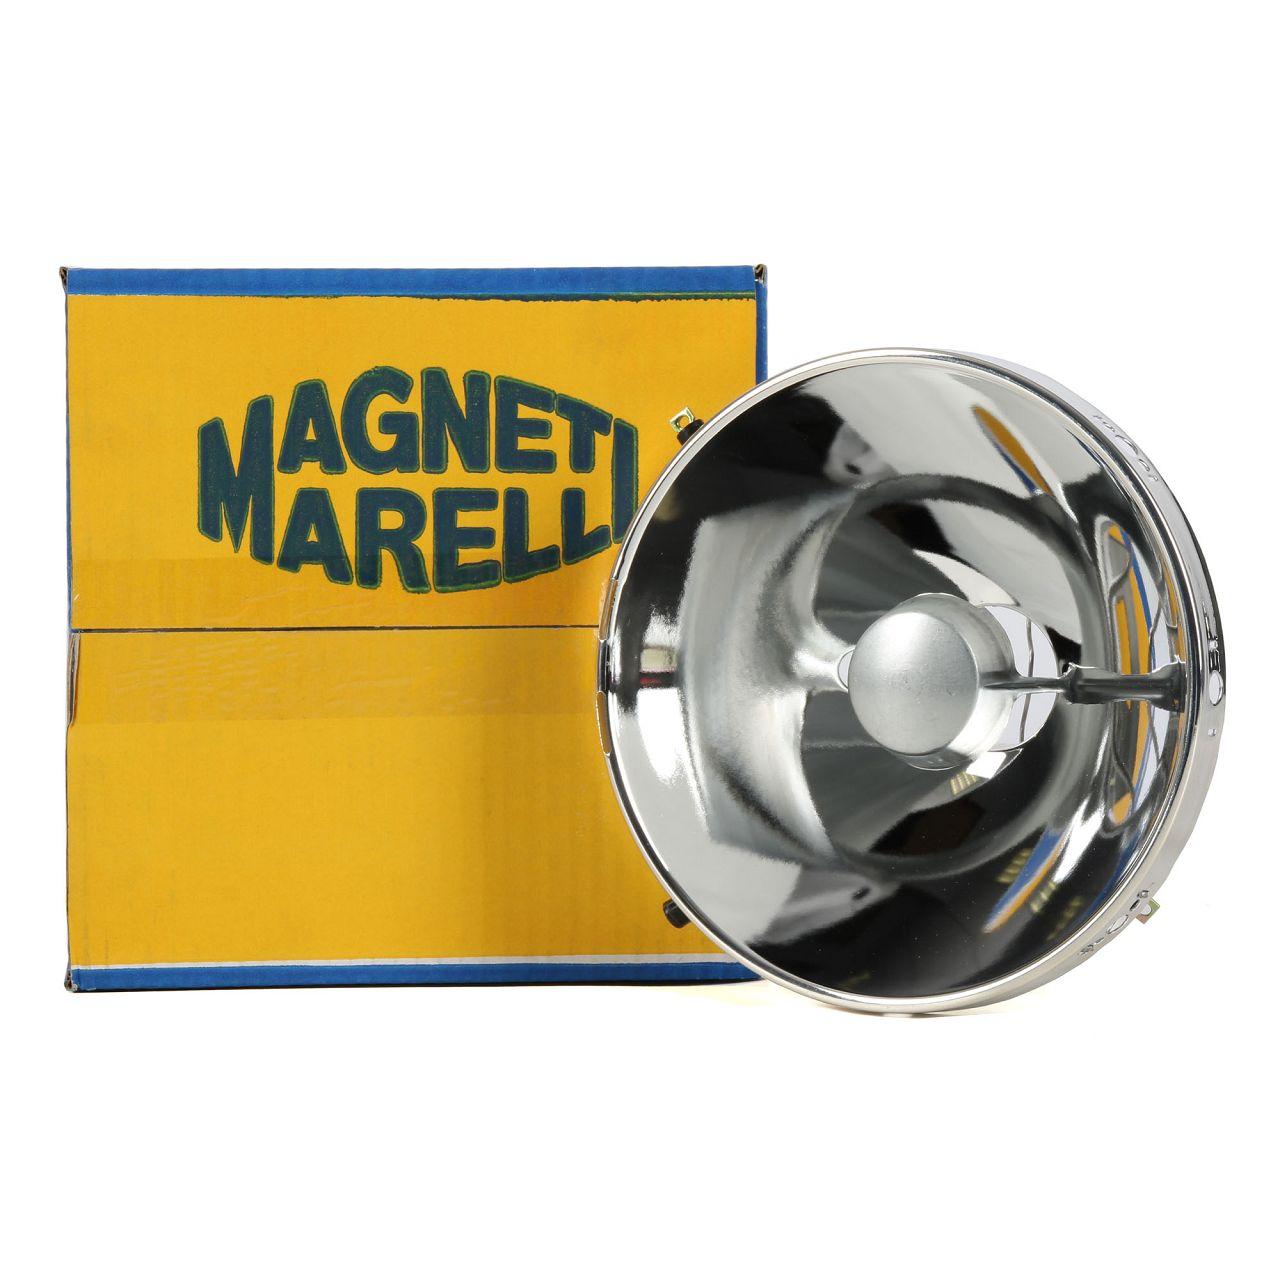 MAGNETI MARELLI Reflektor Scheinwerfer Hauptscheinwerfer für PORSCHE 911 (964)